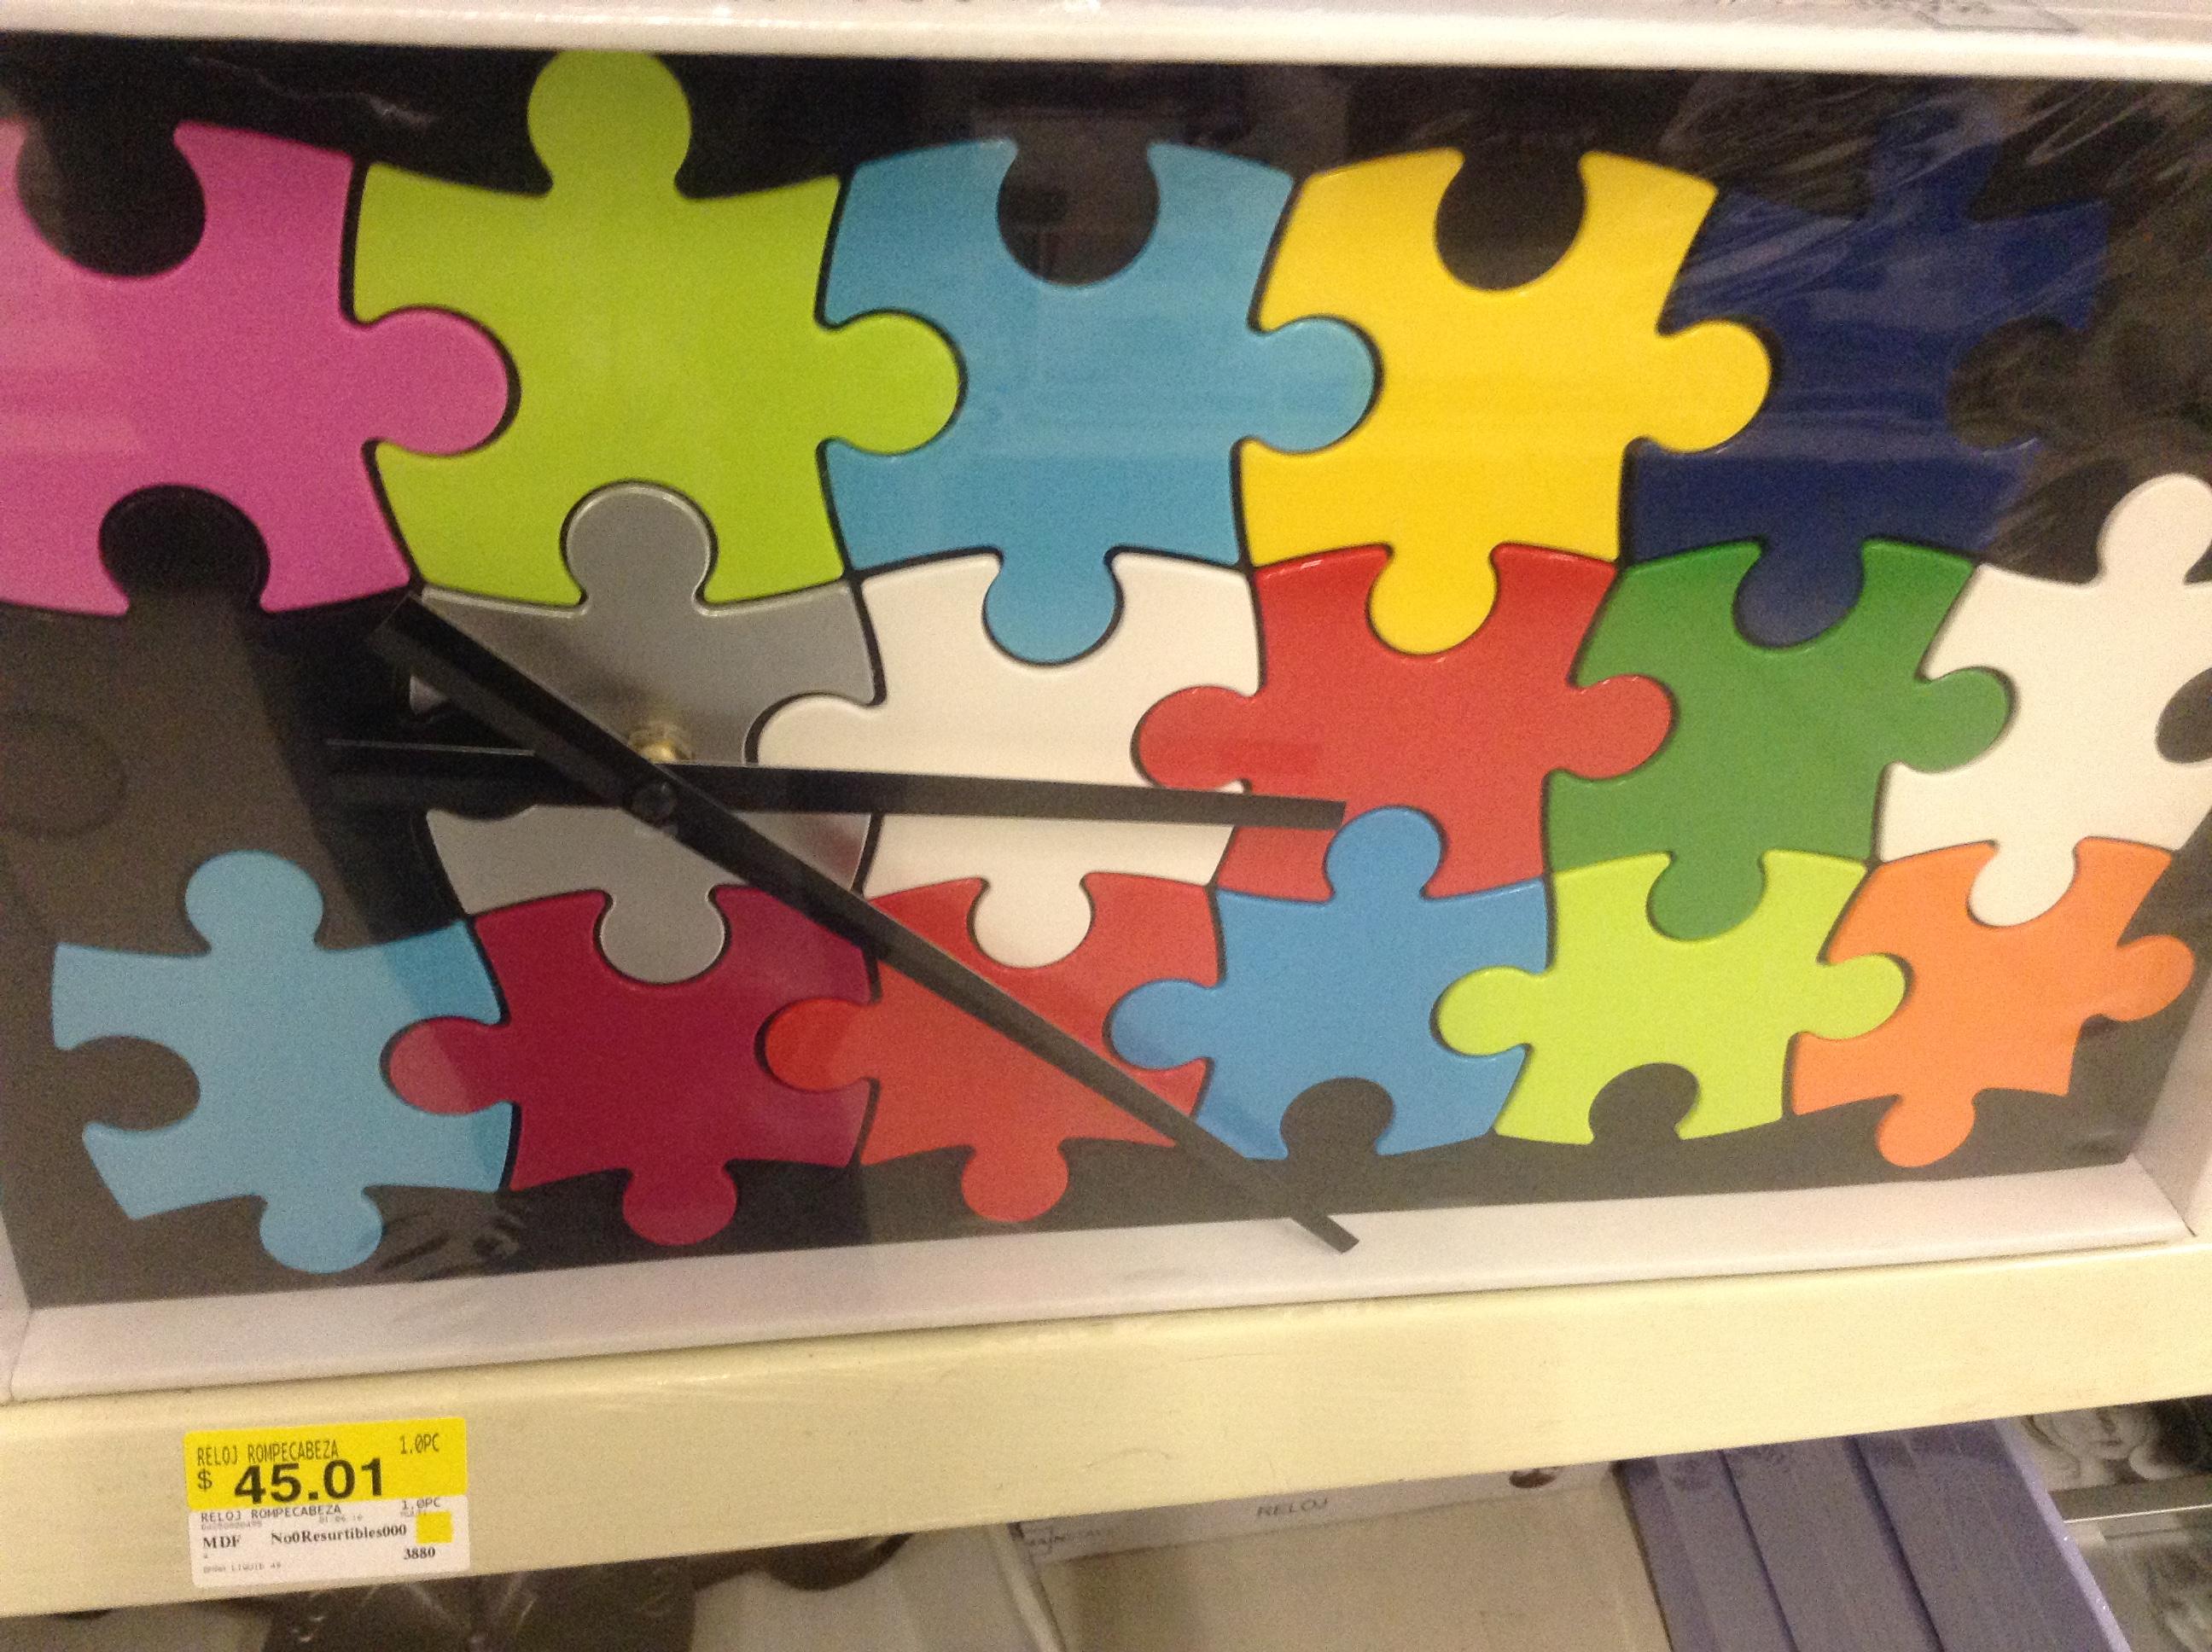 Walmart Miramontes: reloj de rompecabezas de 349 a 45.01 y otras liquidaciones